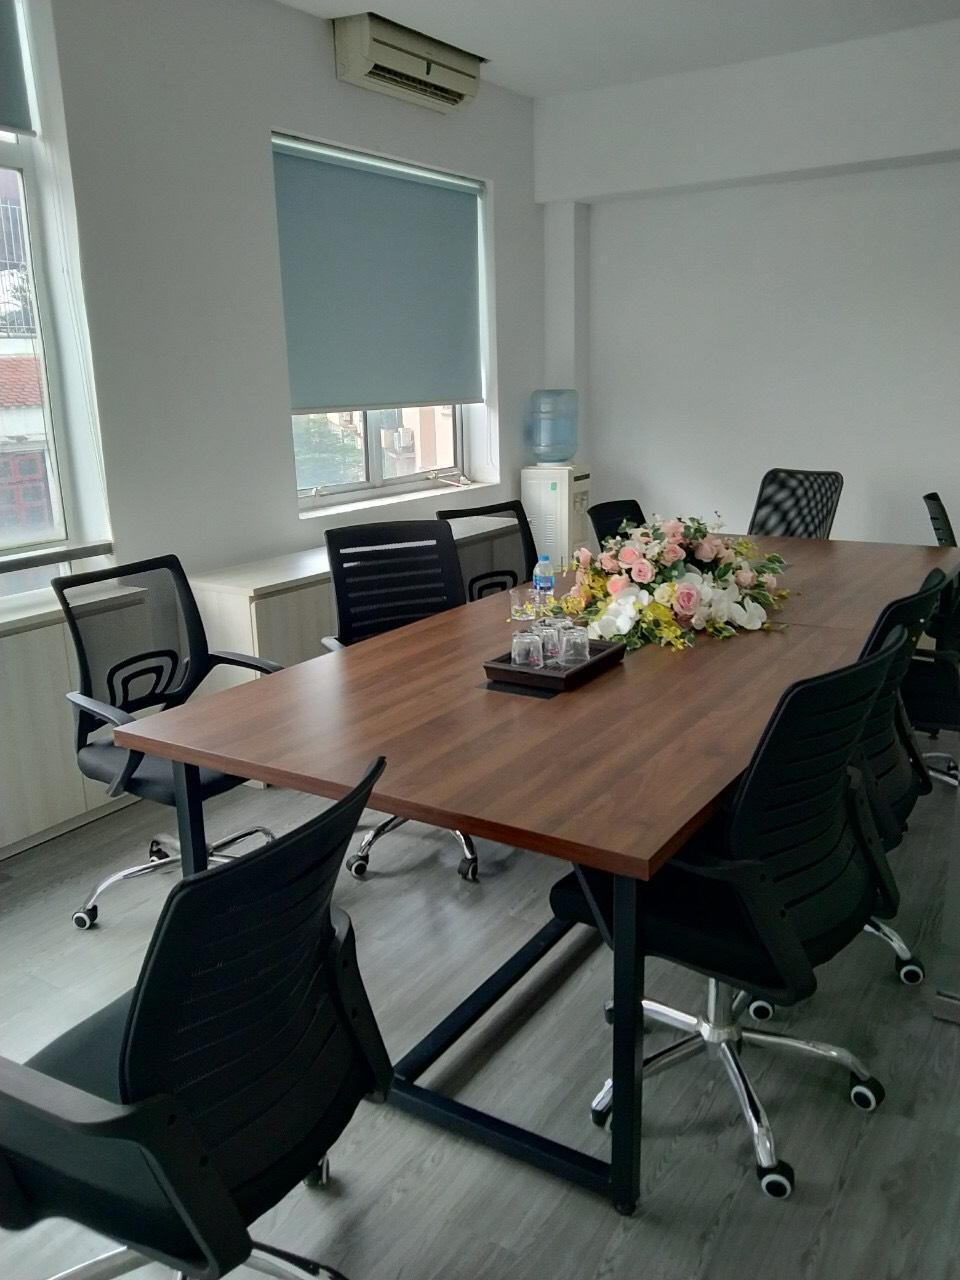 Cho thuê văn phòng trọn gói giá rẻ full nội thất, dịch vụ tiện ích tại tòa nhà VP Lê Trọng Tấn Thanh Xuân Lh: 0917971866